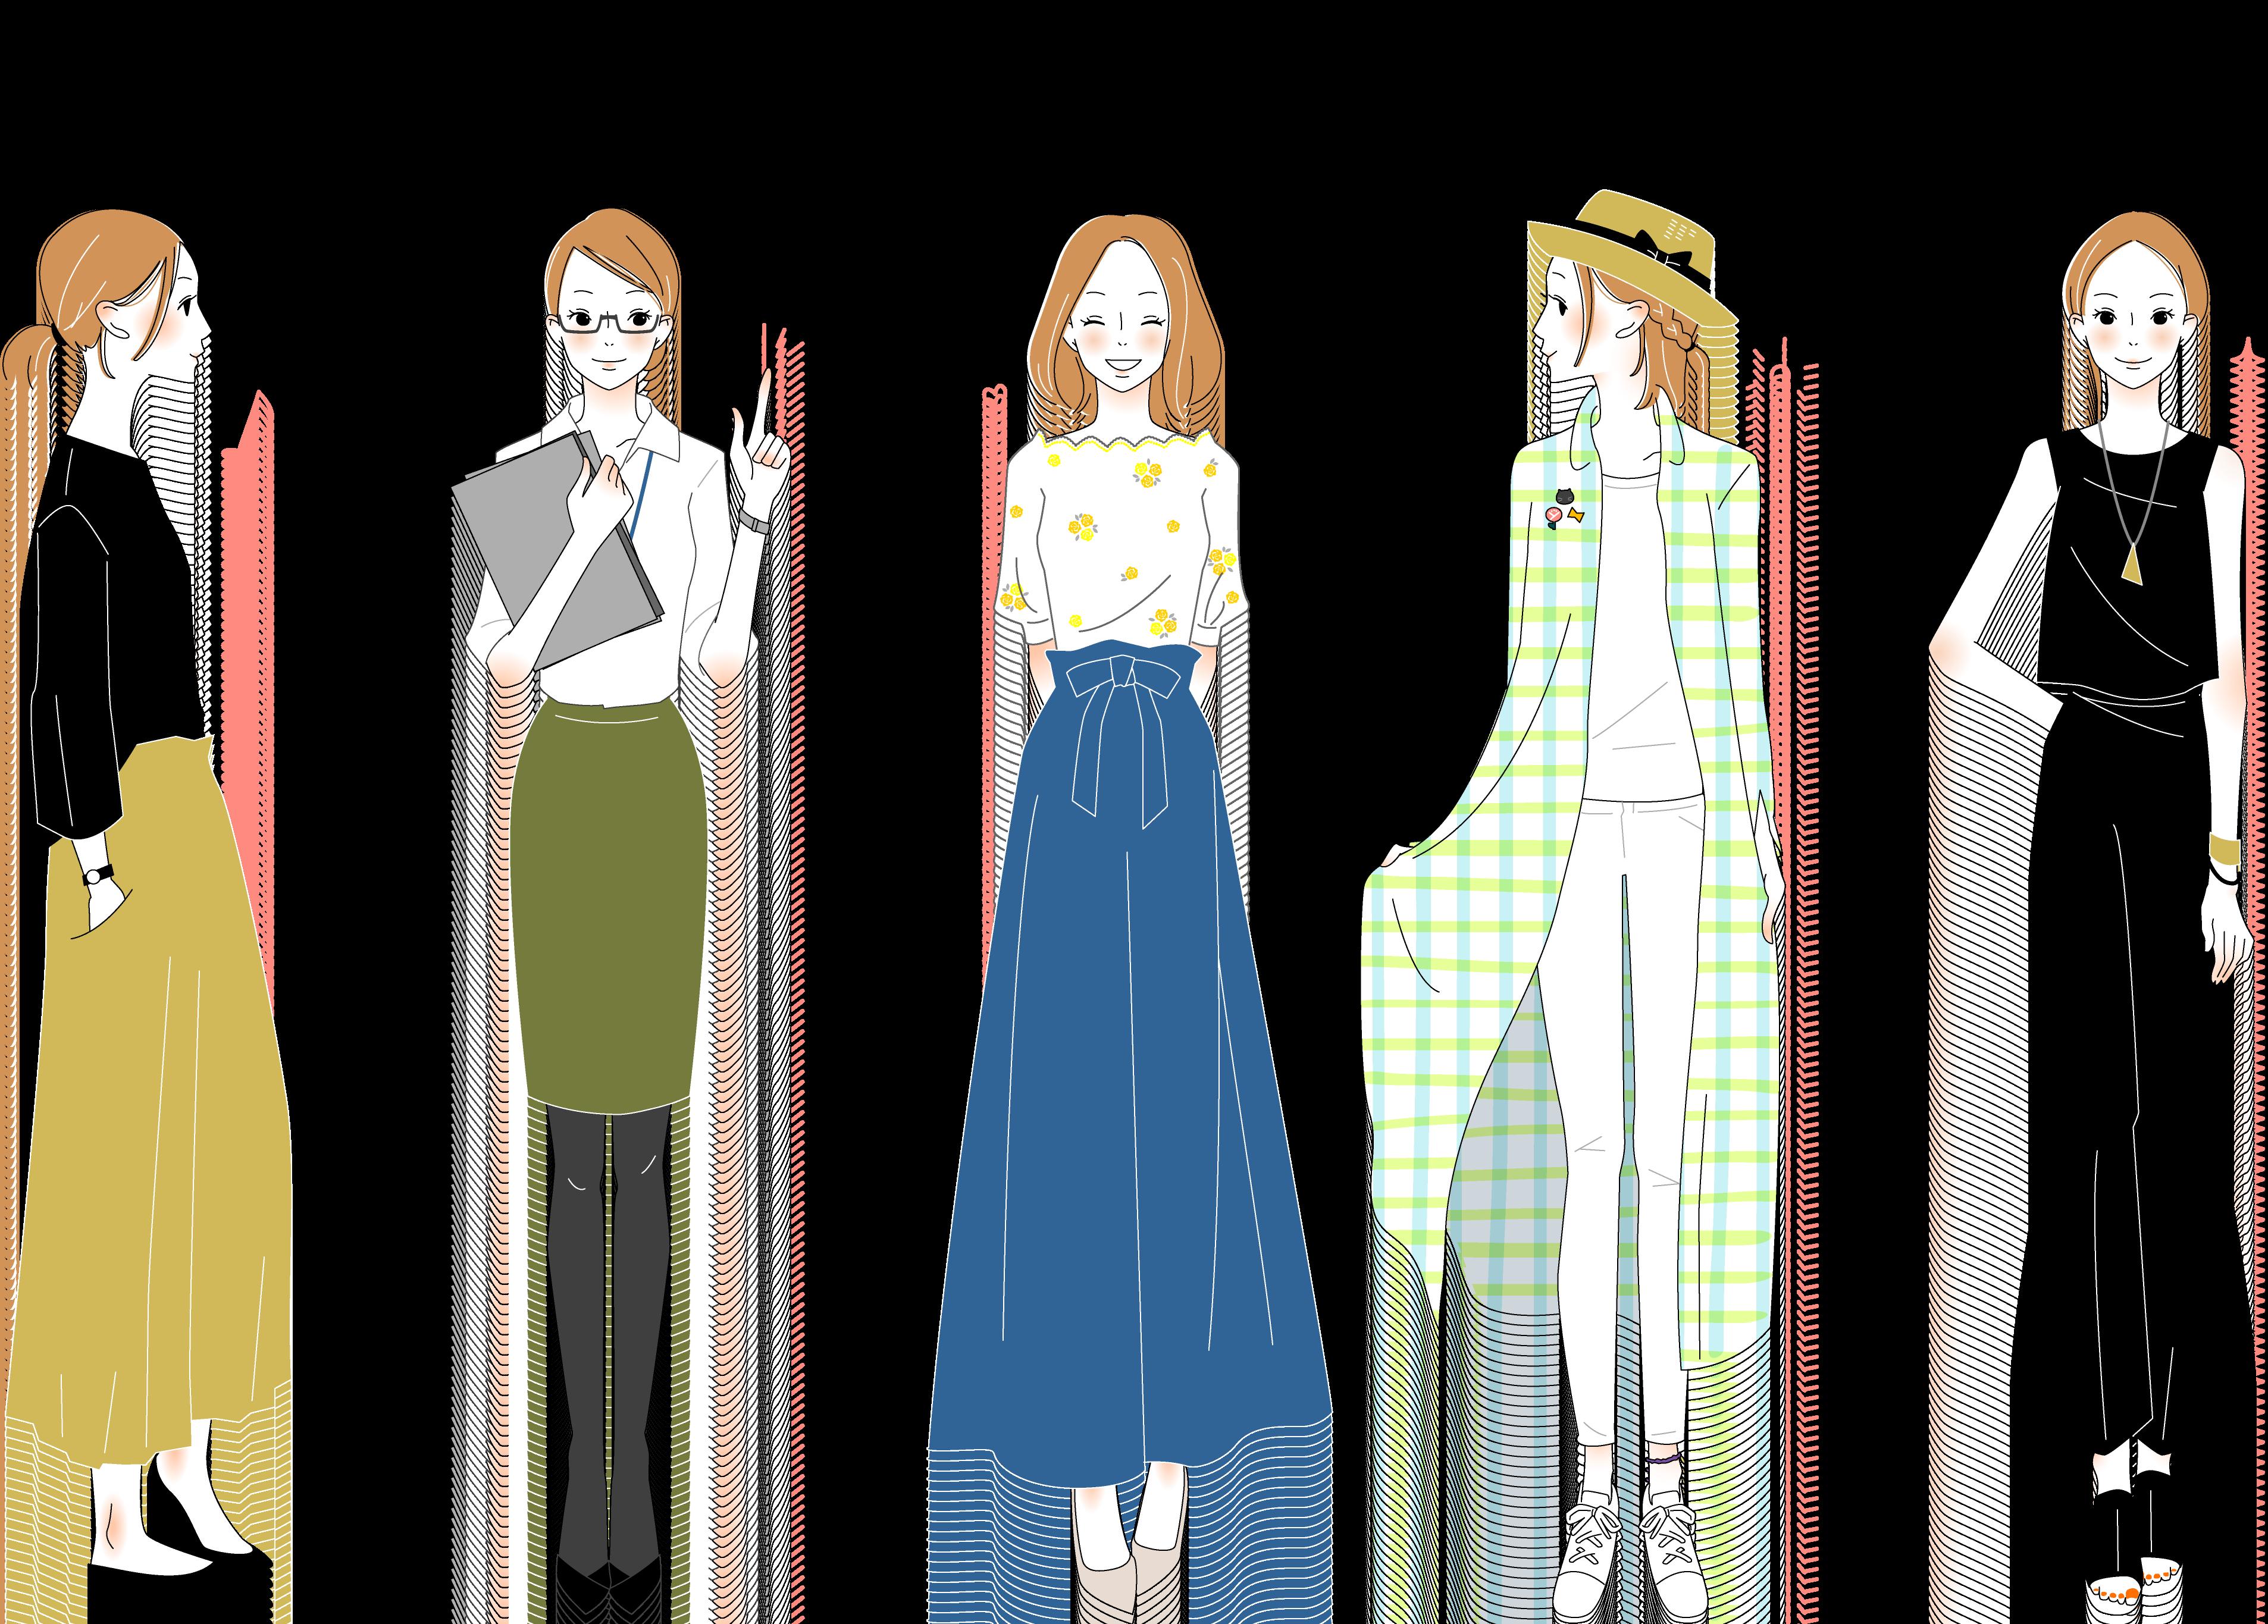 せどらーファッション 機能性と効率とおしゃれについての考察